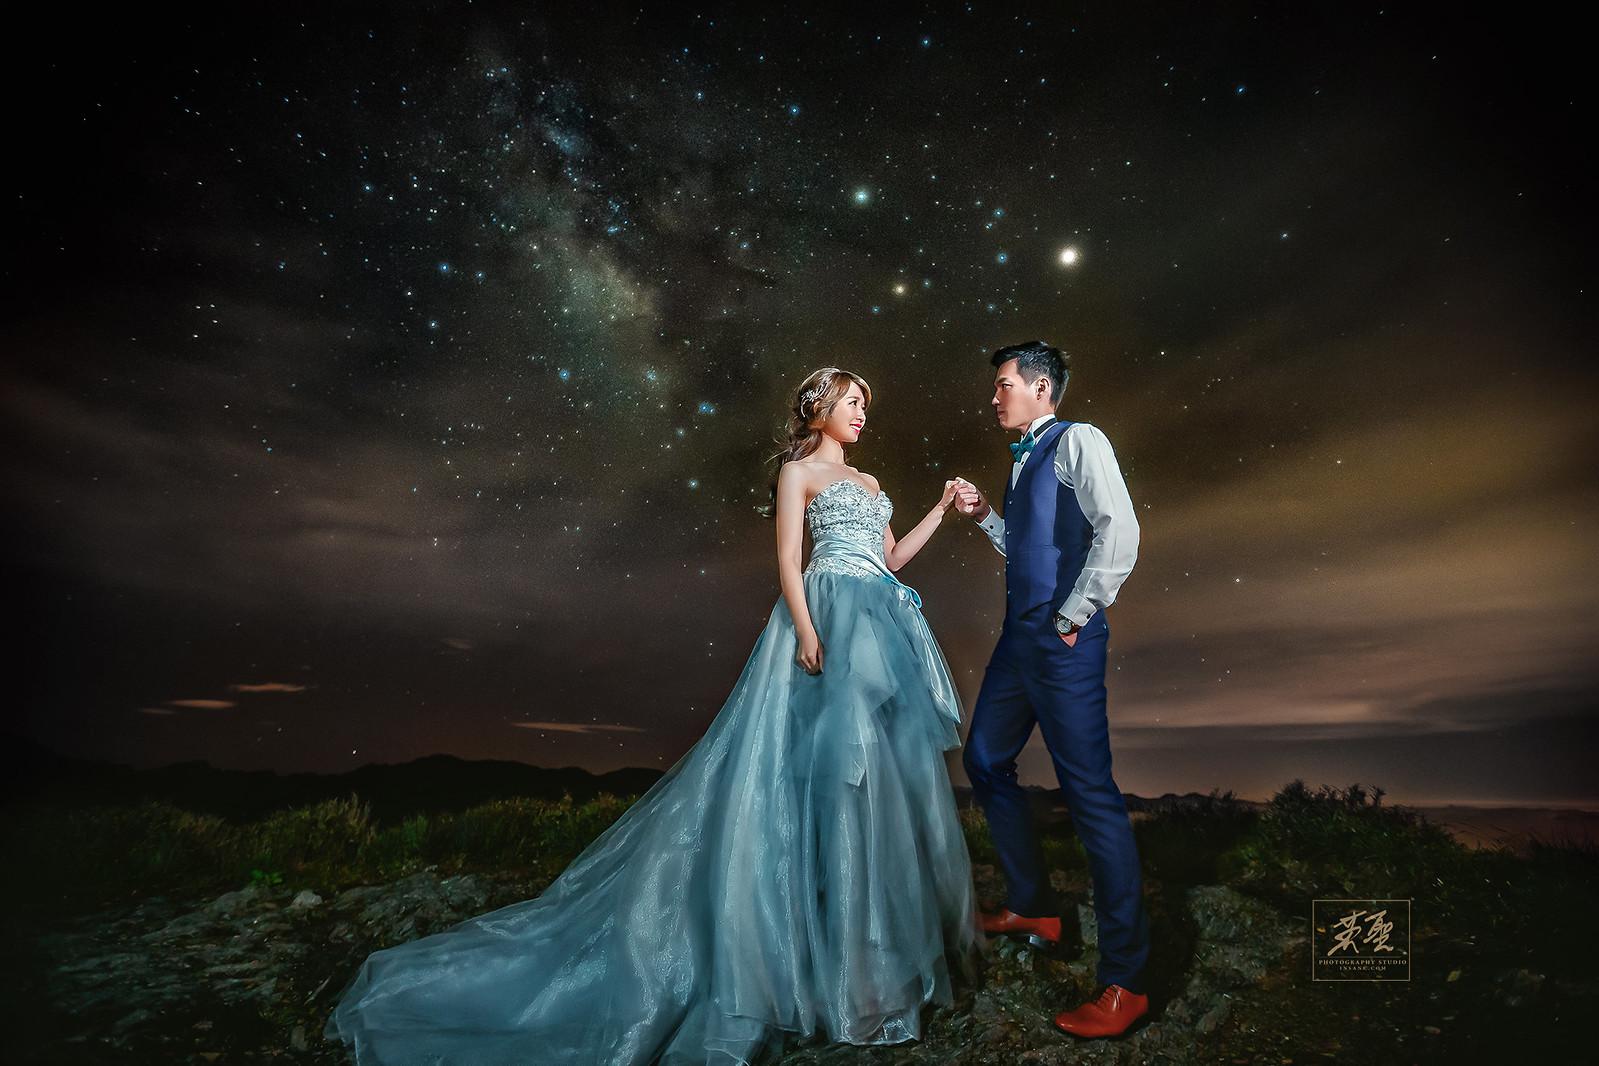 婚攝英聖-合歡山銀河婚紗